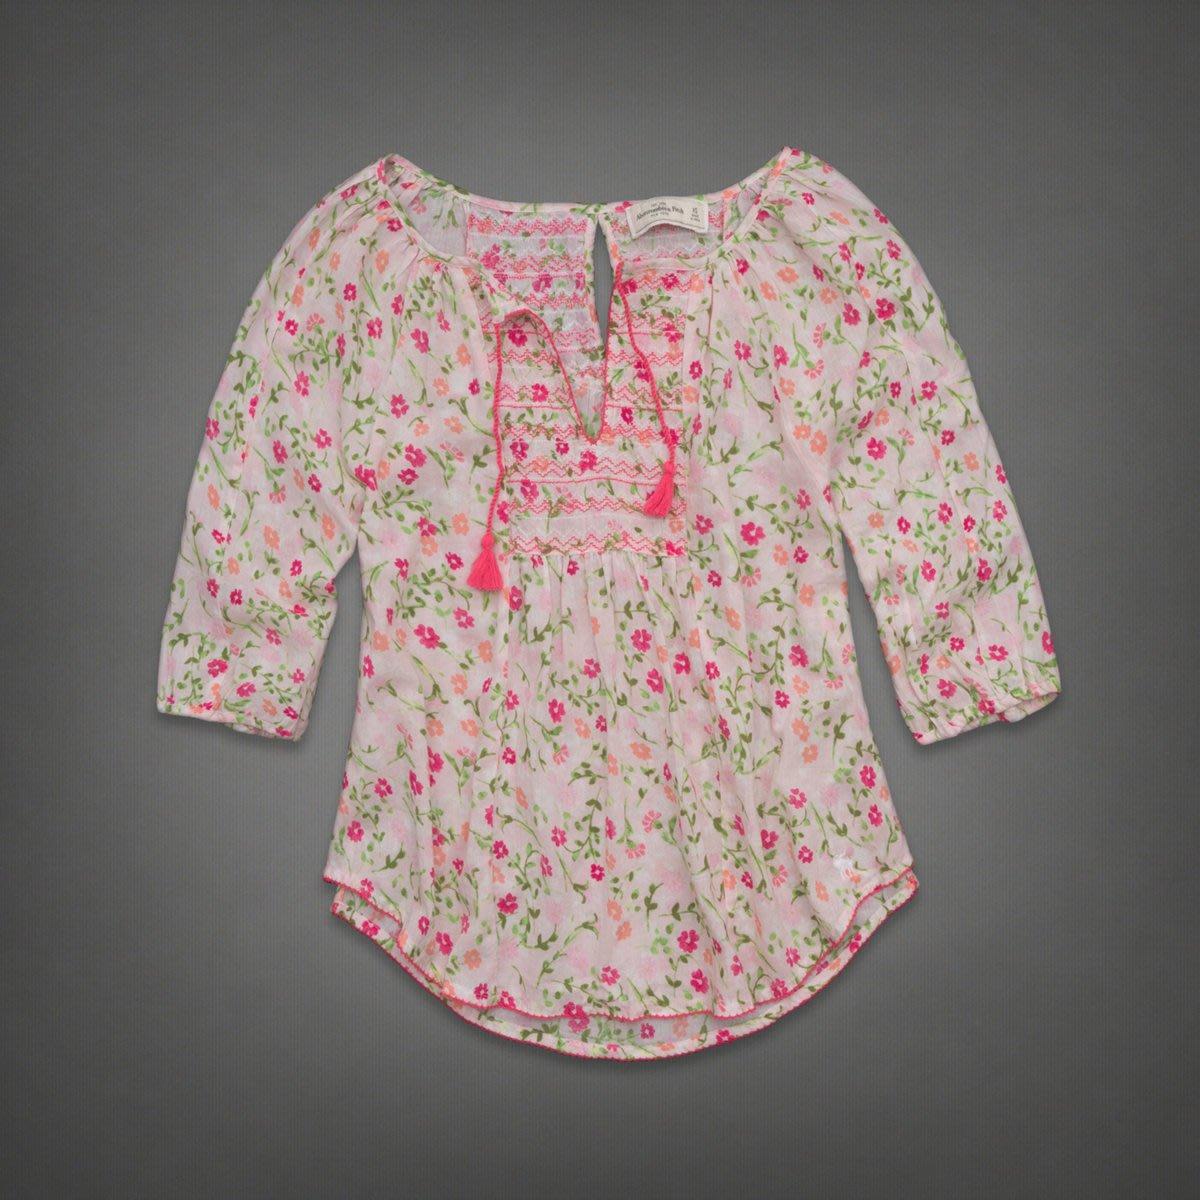 《Cupio》現貨 A&F Abercrombie & Fitch TAYLOR 甜美花卉民族風五分袖造型上衣(XS)